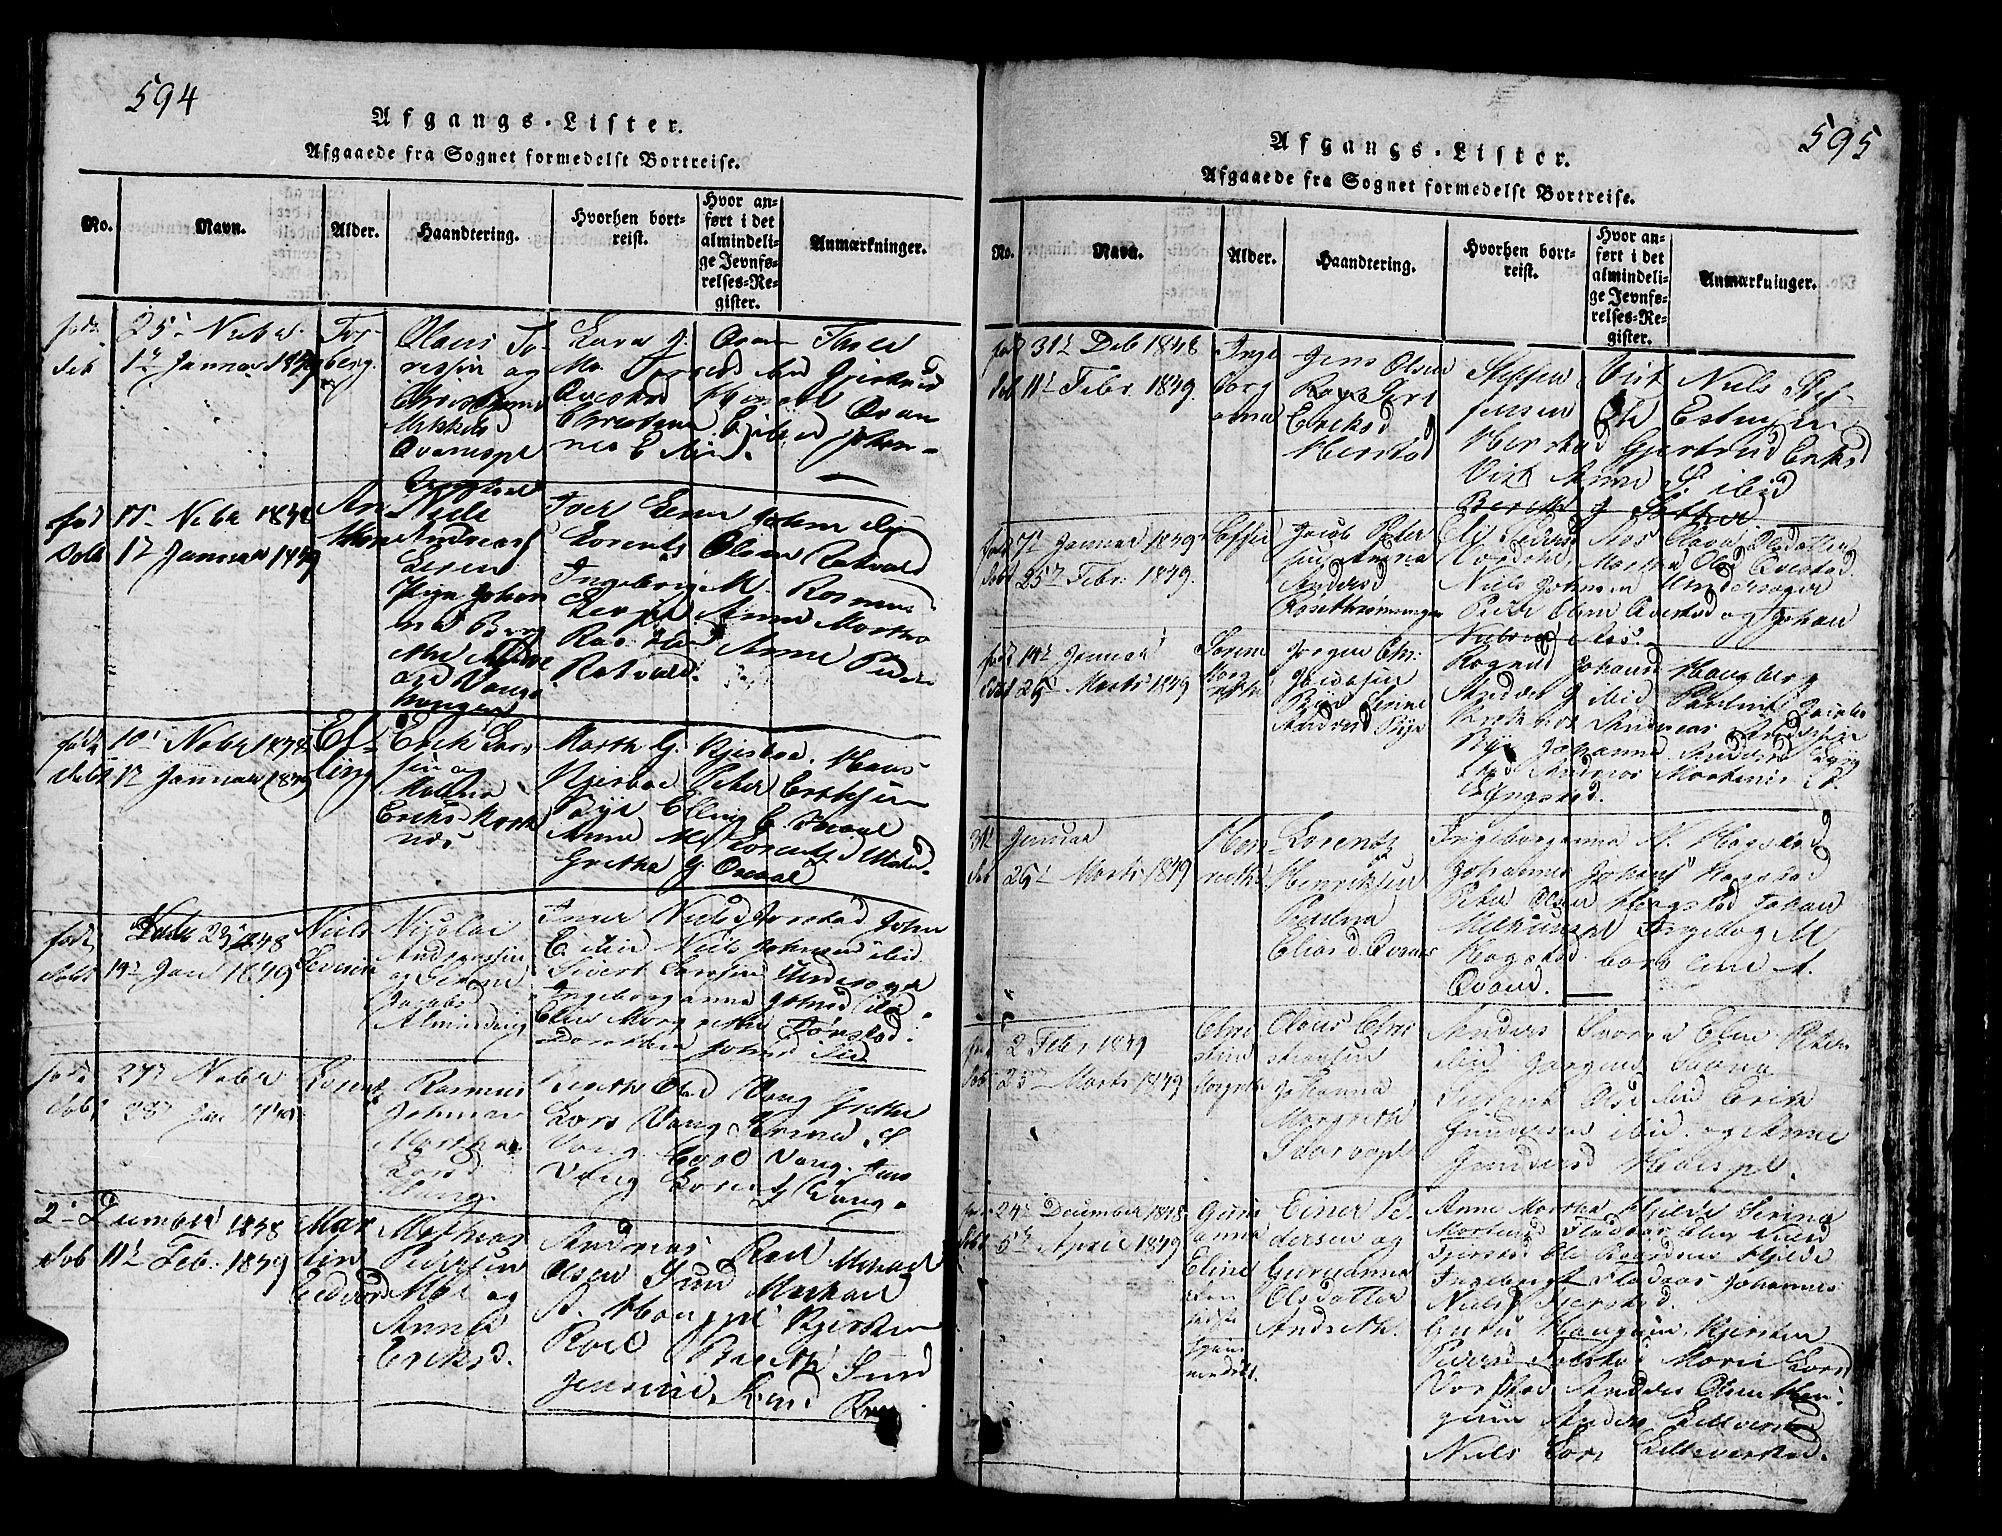 SAT, Ministerialprotokoller, klokkerbøker og fødselsregistre - Nord-Trøndelag, 730/L0298: Klokkerbok nr. 730C01, 1816-1849, s. 594-595